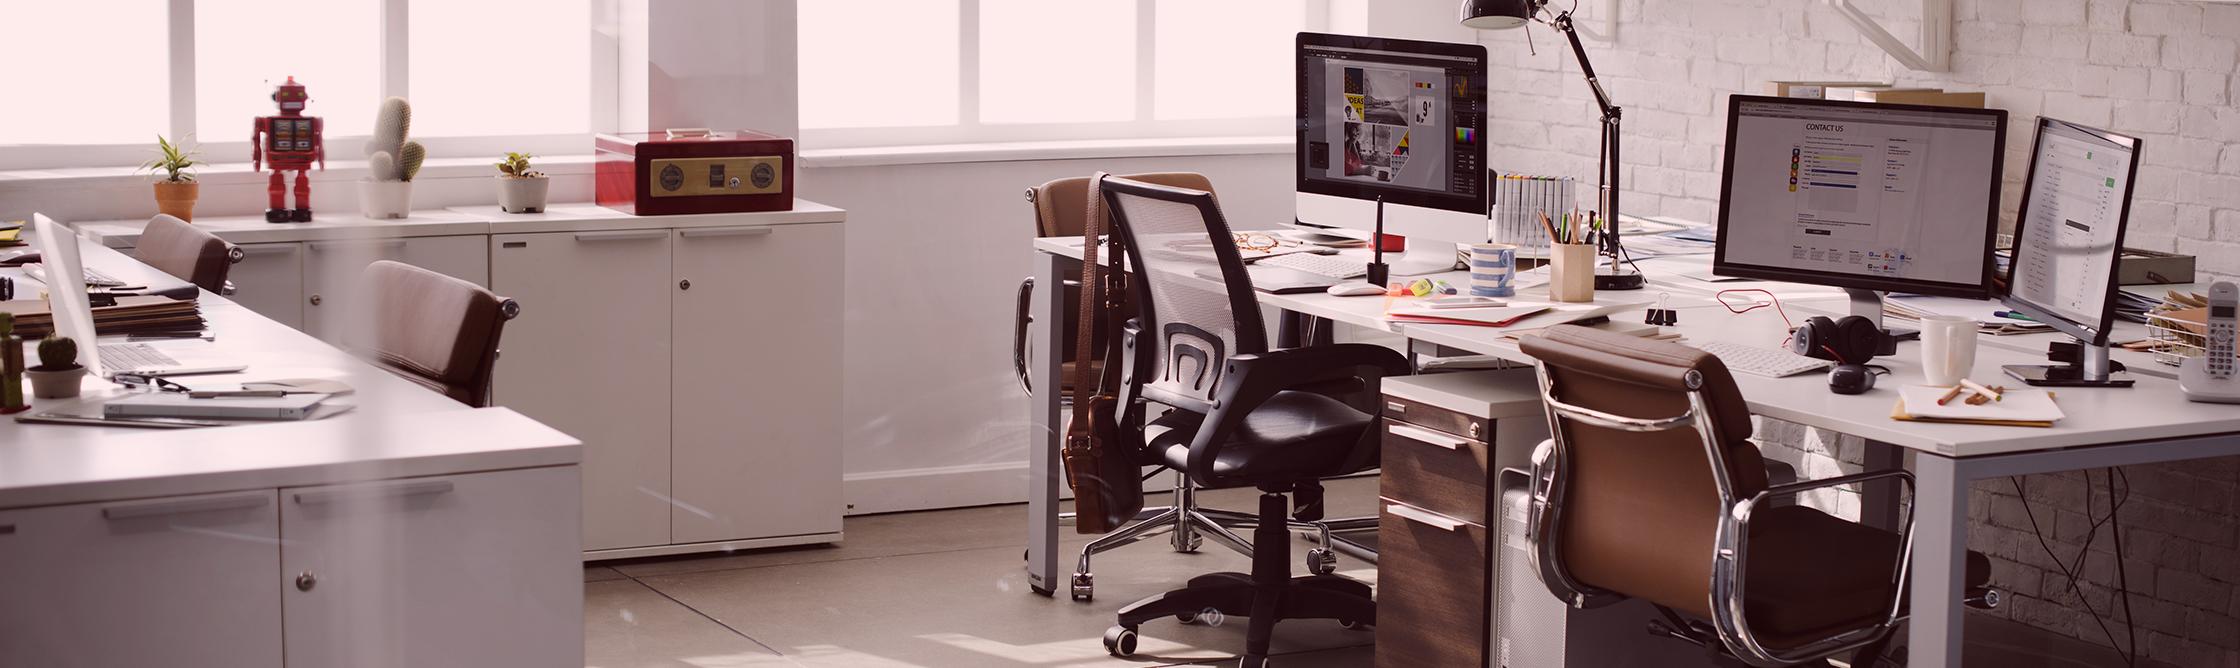 Partenufficio:soluzioni per l'ufficio